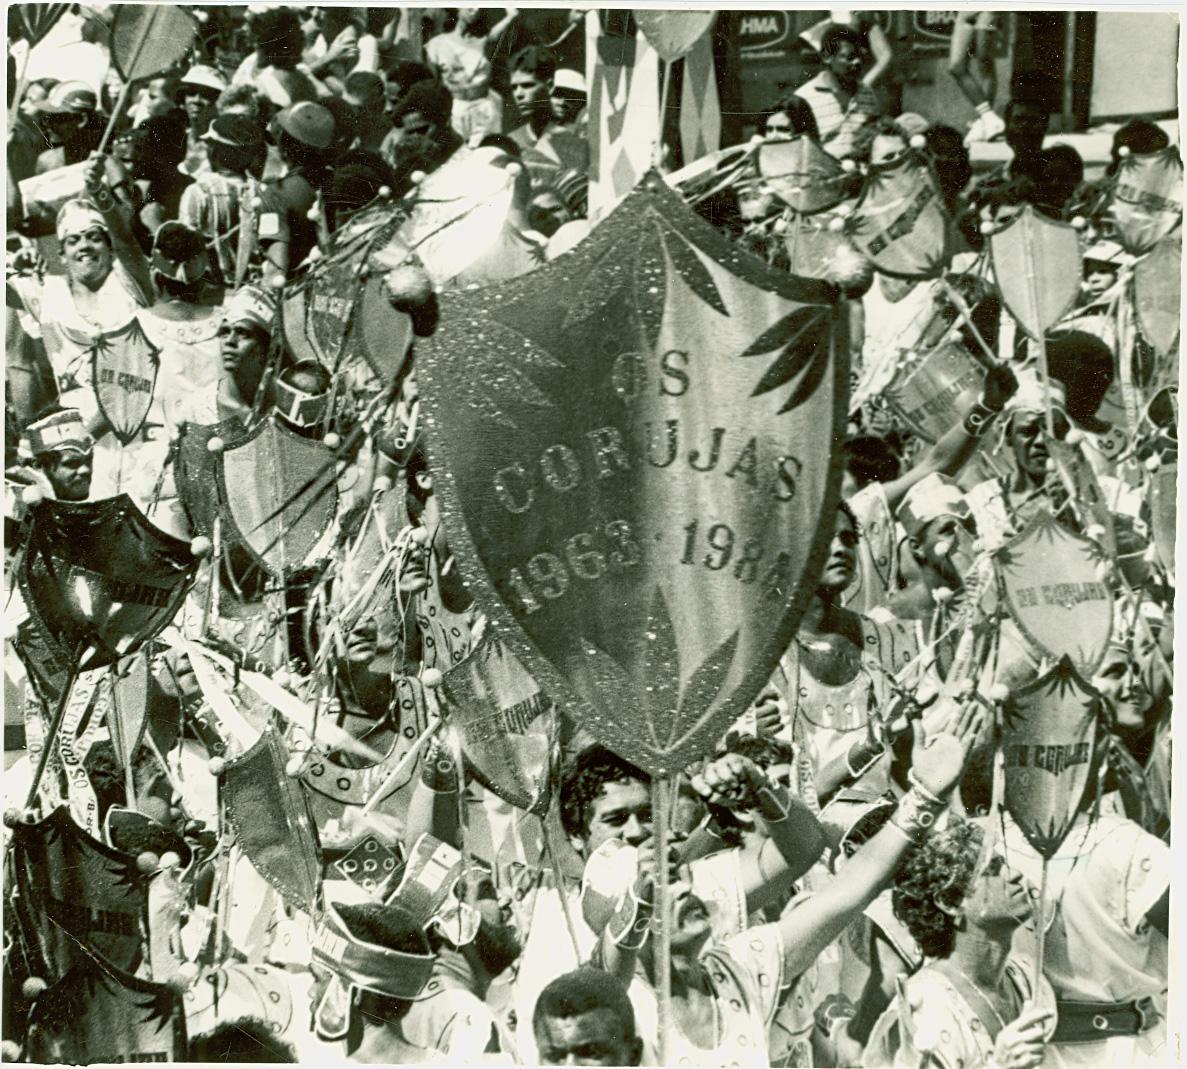 Os Corujas, 1984